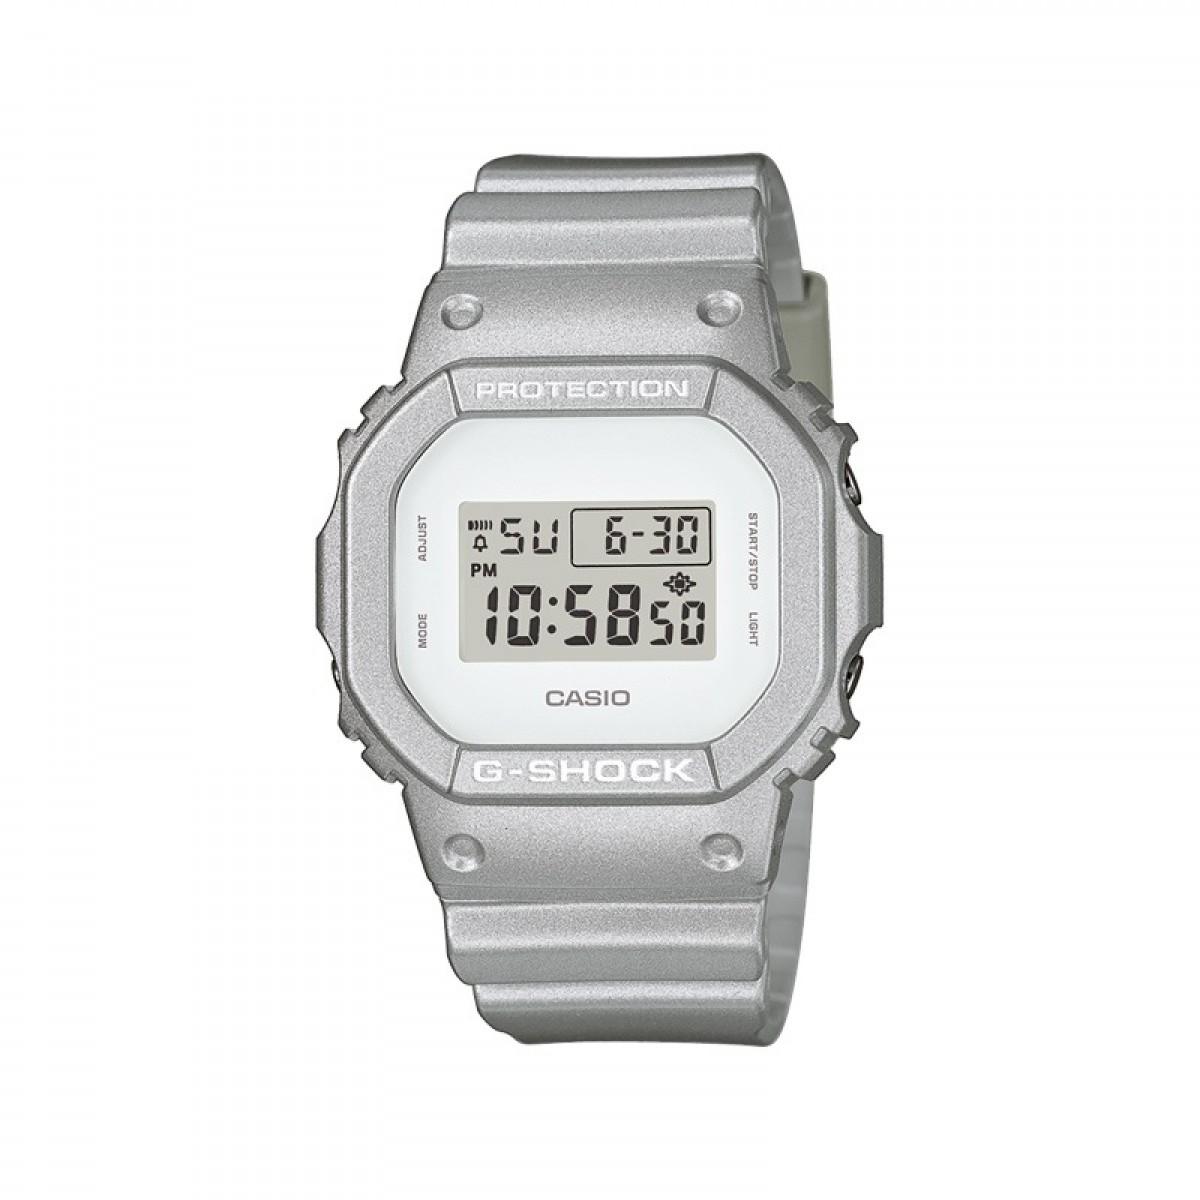 Часовник Casio G-Shock DW-5600SG-7ER